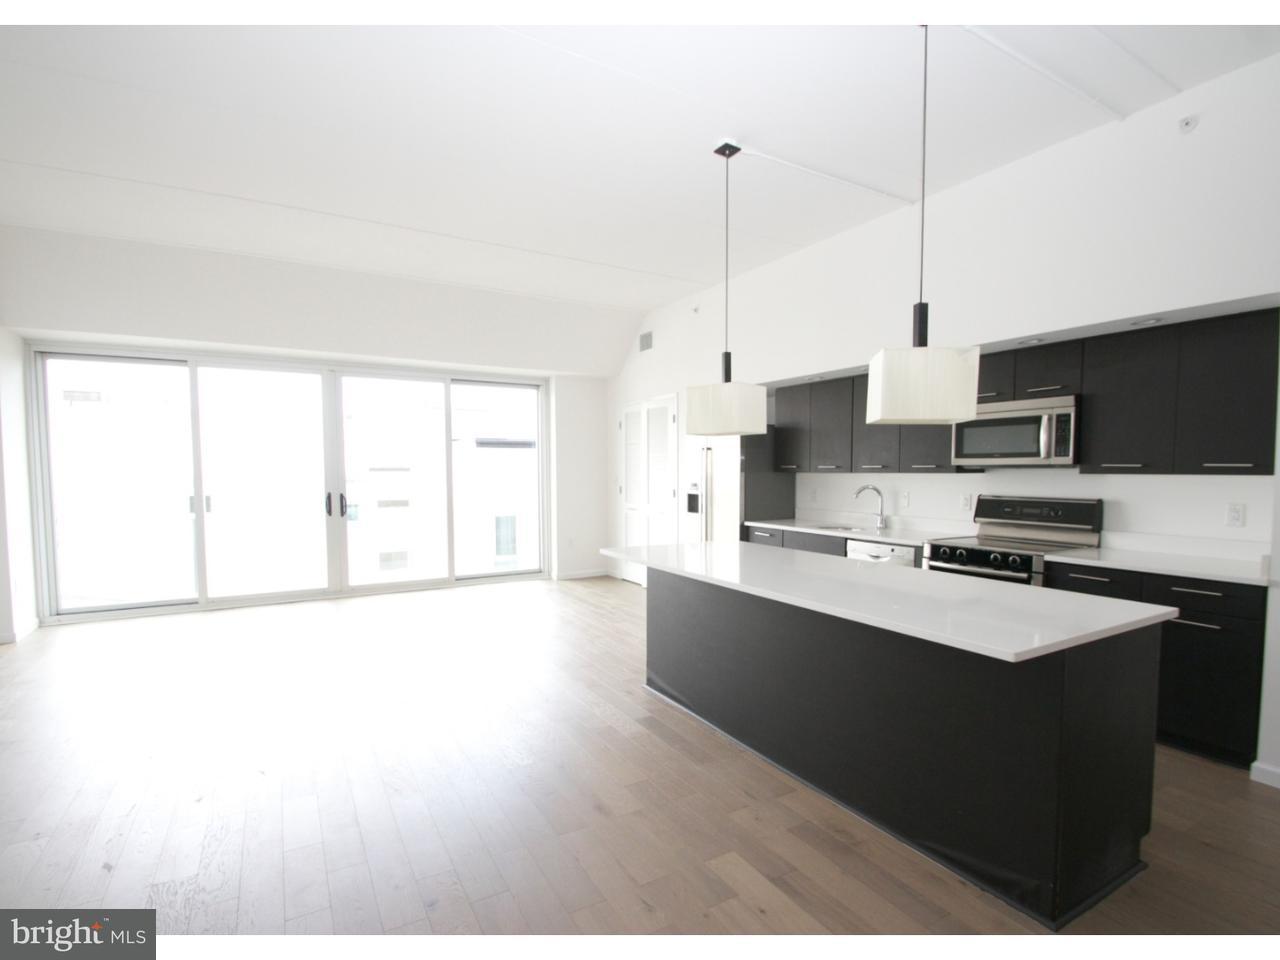 Μονοκατοικία για την Πώληση στο 603 N AMERICAN ST #404 Philadelphia, Πενσιλβανια 19123 Ηνωμενεσ Πολιτειεσ